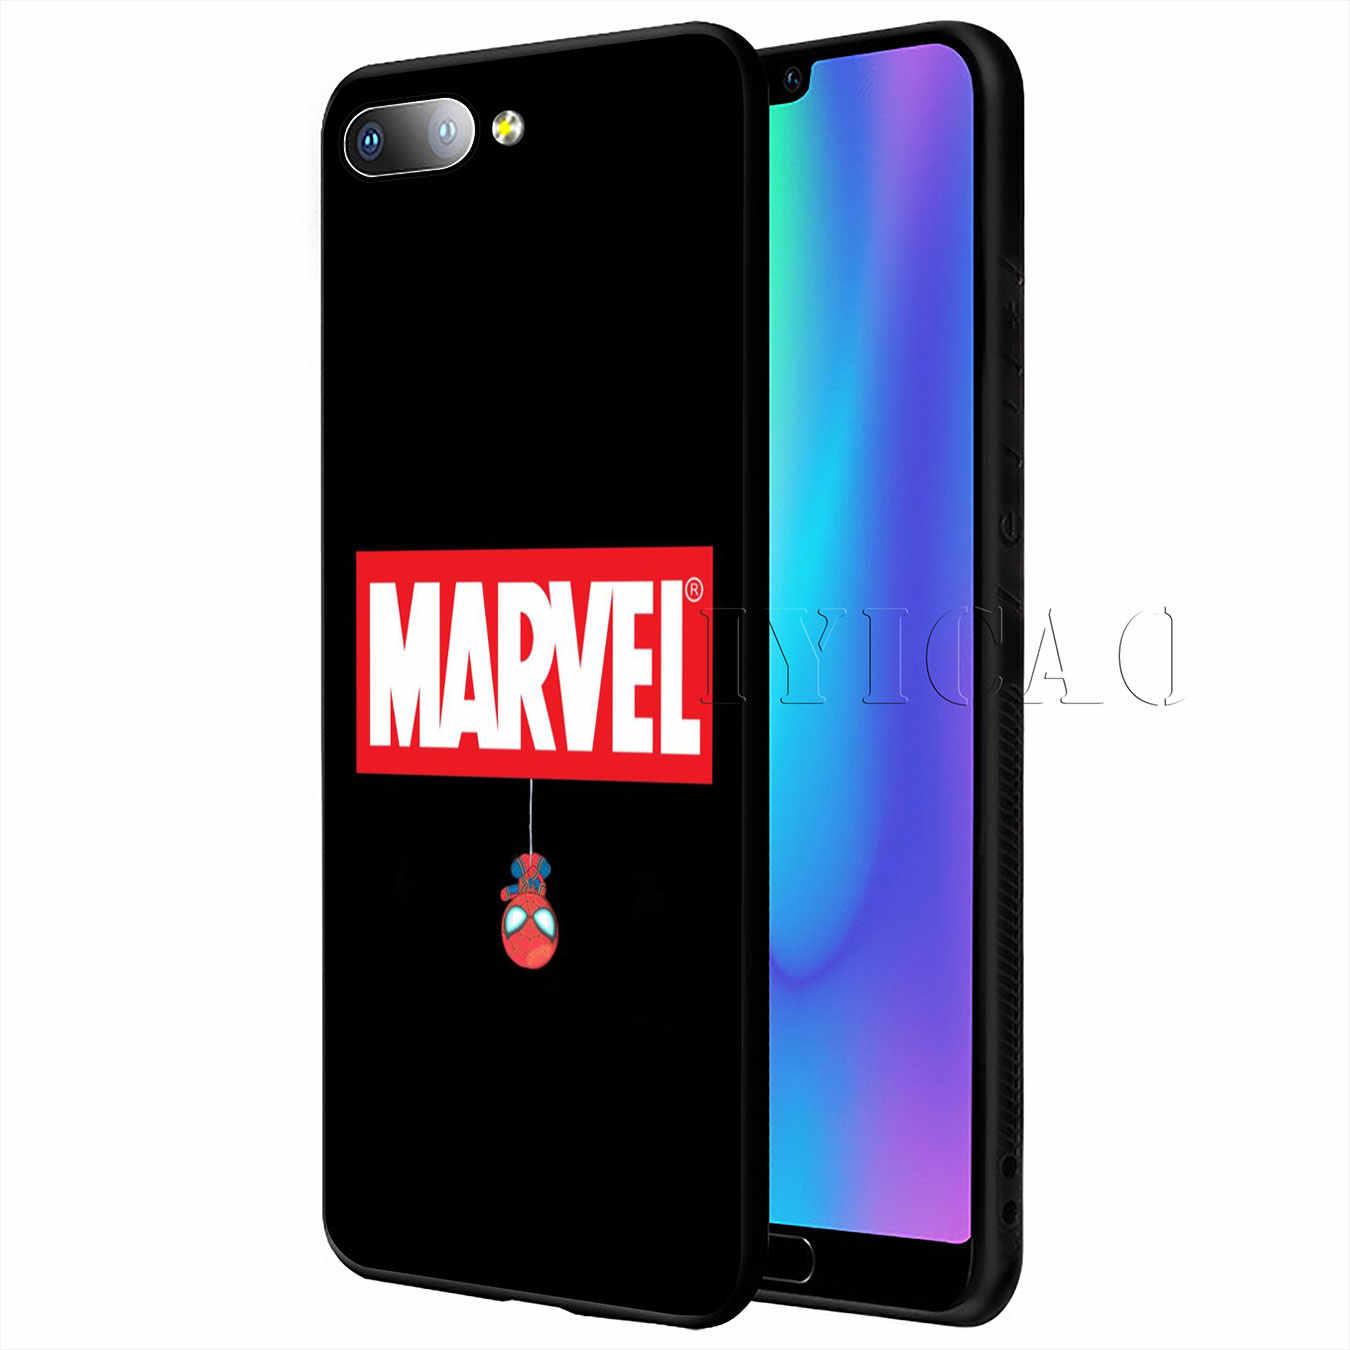 Avengers Endgame Marvel Iron Man Thanos Molle della Cassa Del Silicone per Huawei Y9 Prime 2019 Copertura Honor 20 8X8 9 9X10 Lite 7C 7A Pro